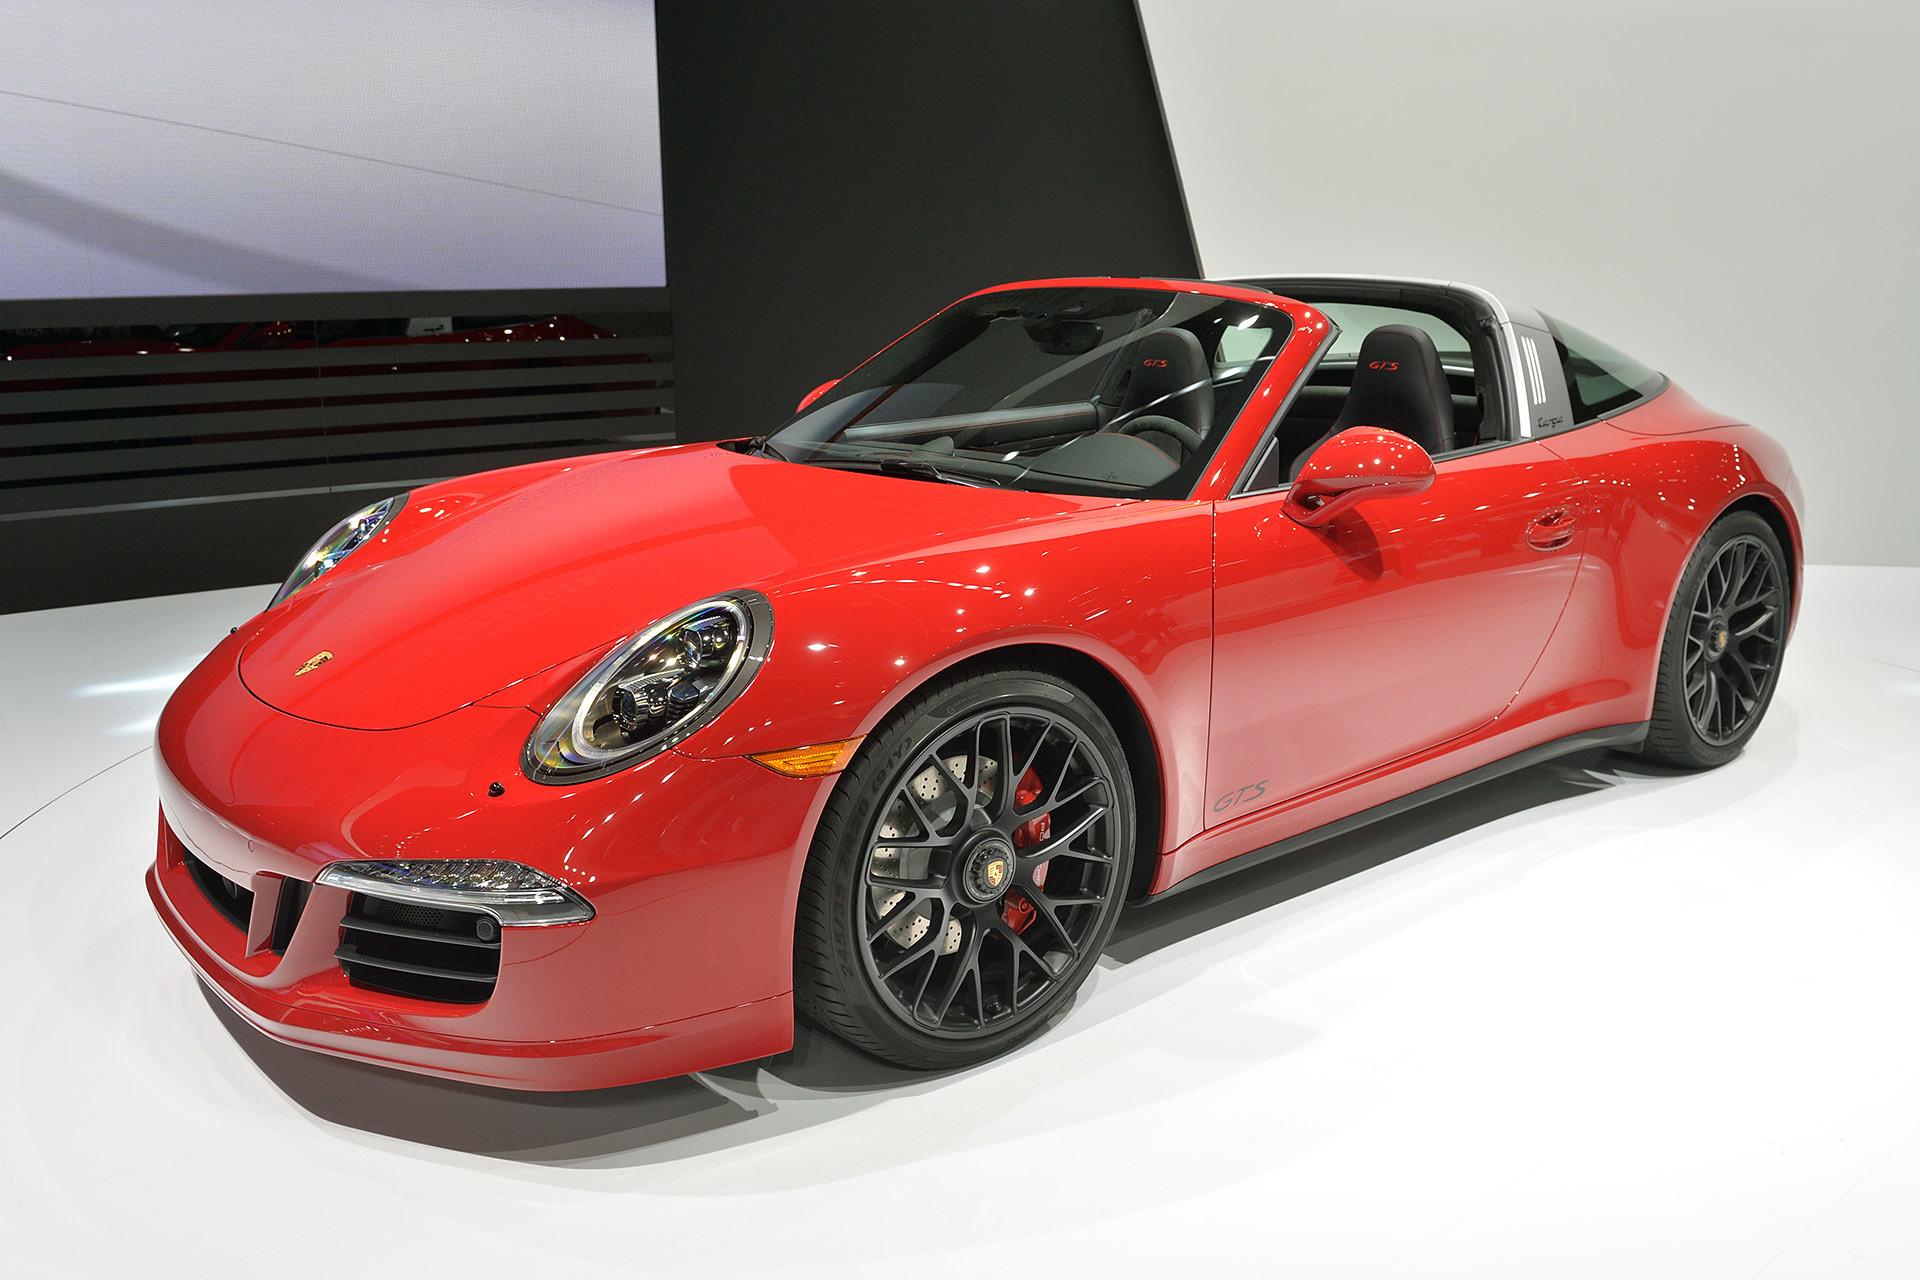 【北米国際自動車ショー2015】ポルシェ「911タルガ」に初のGTSが登場! 50周年記念モデル「911タルガ【北米国際自動車ショー2015】ポルシェ、タルガの50周年記念モデル「911タルガ4 GTS」を発表!